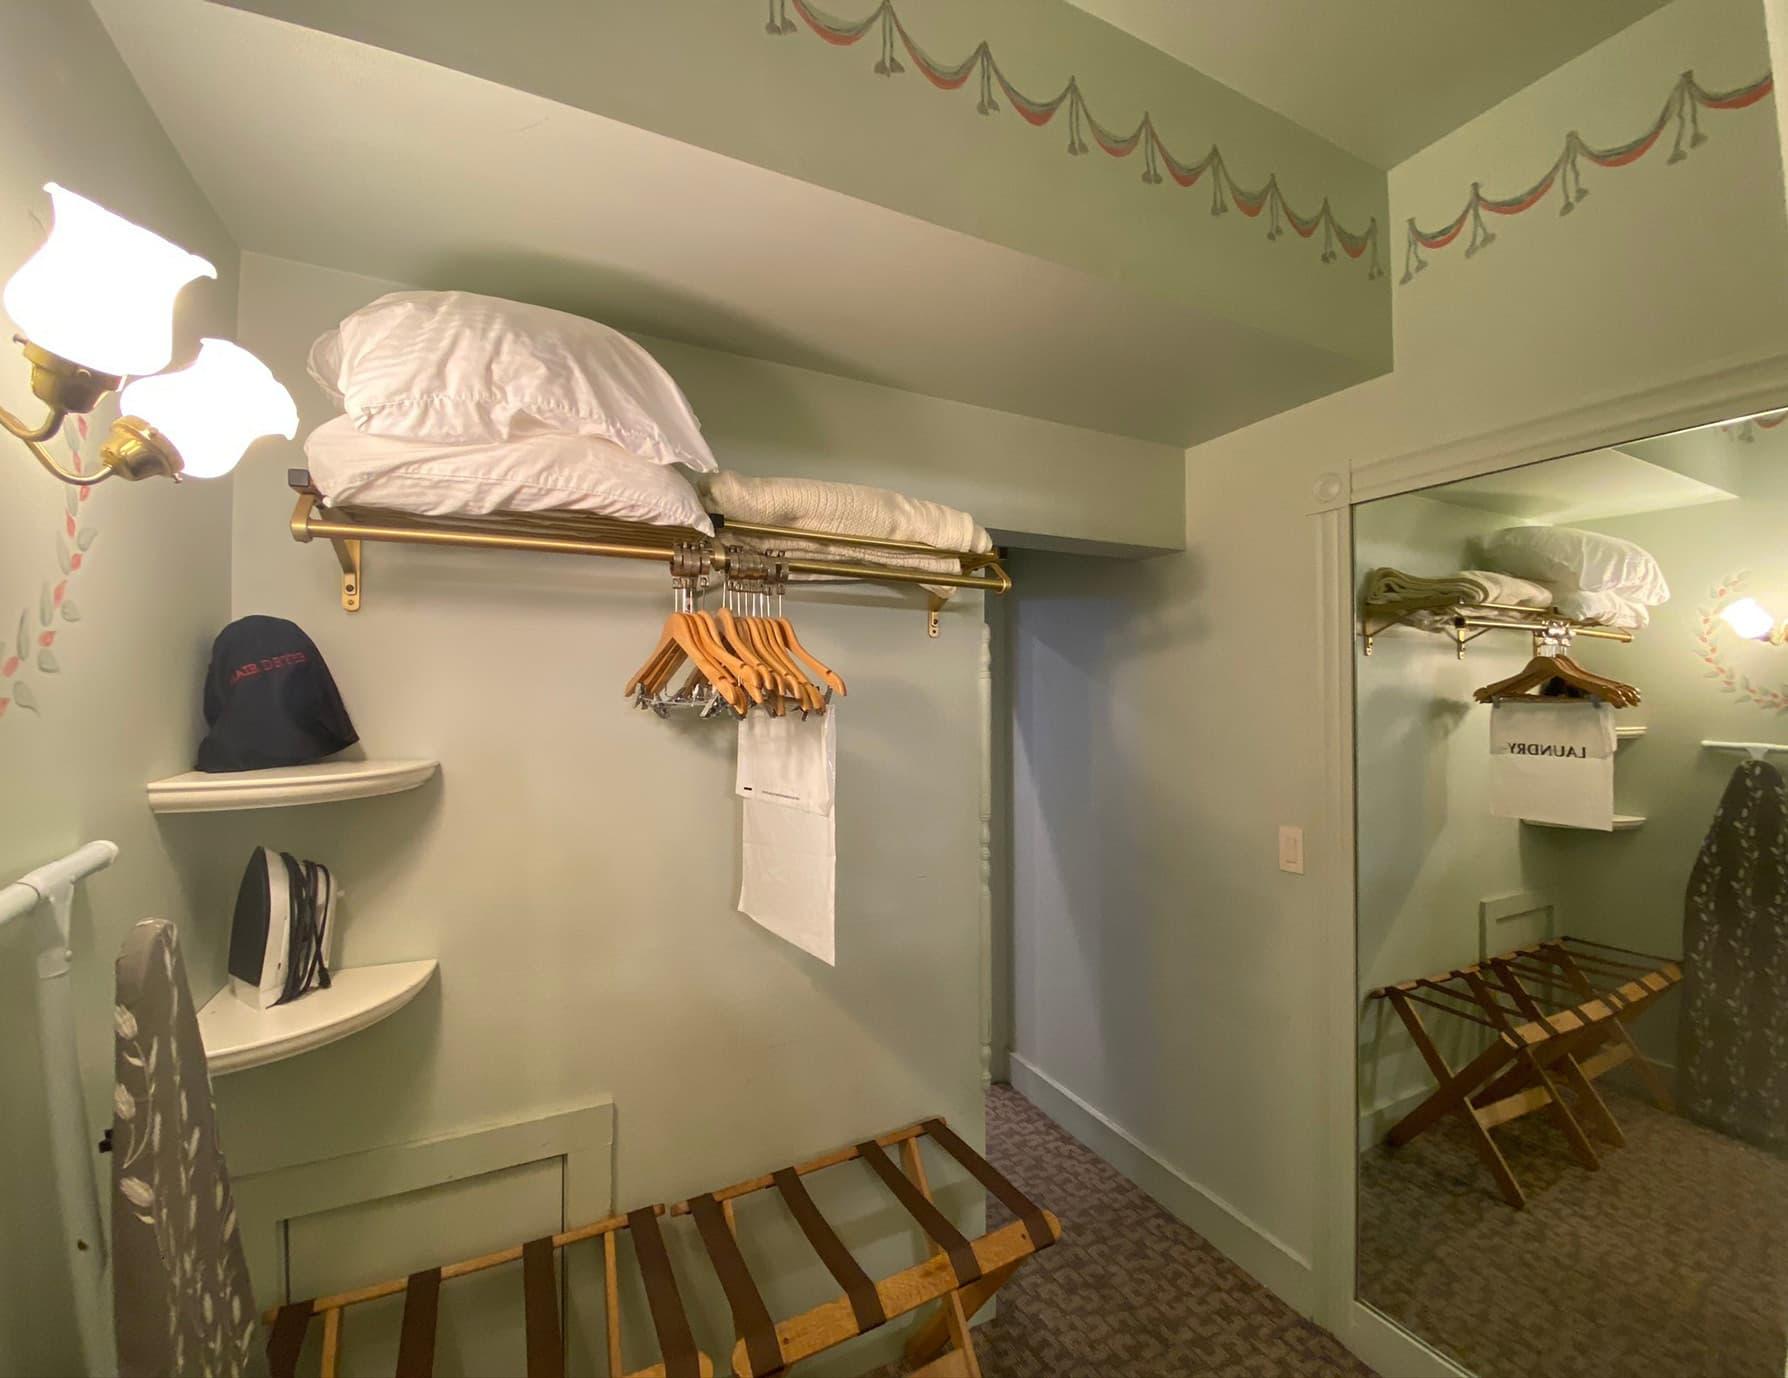 La Savoie Deluxe room closet- Berkshires Hotel